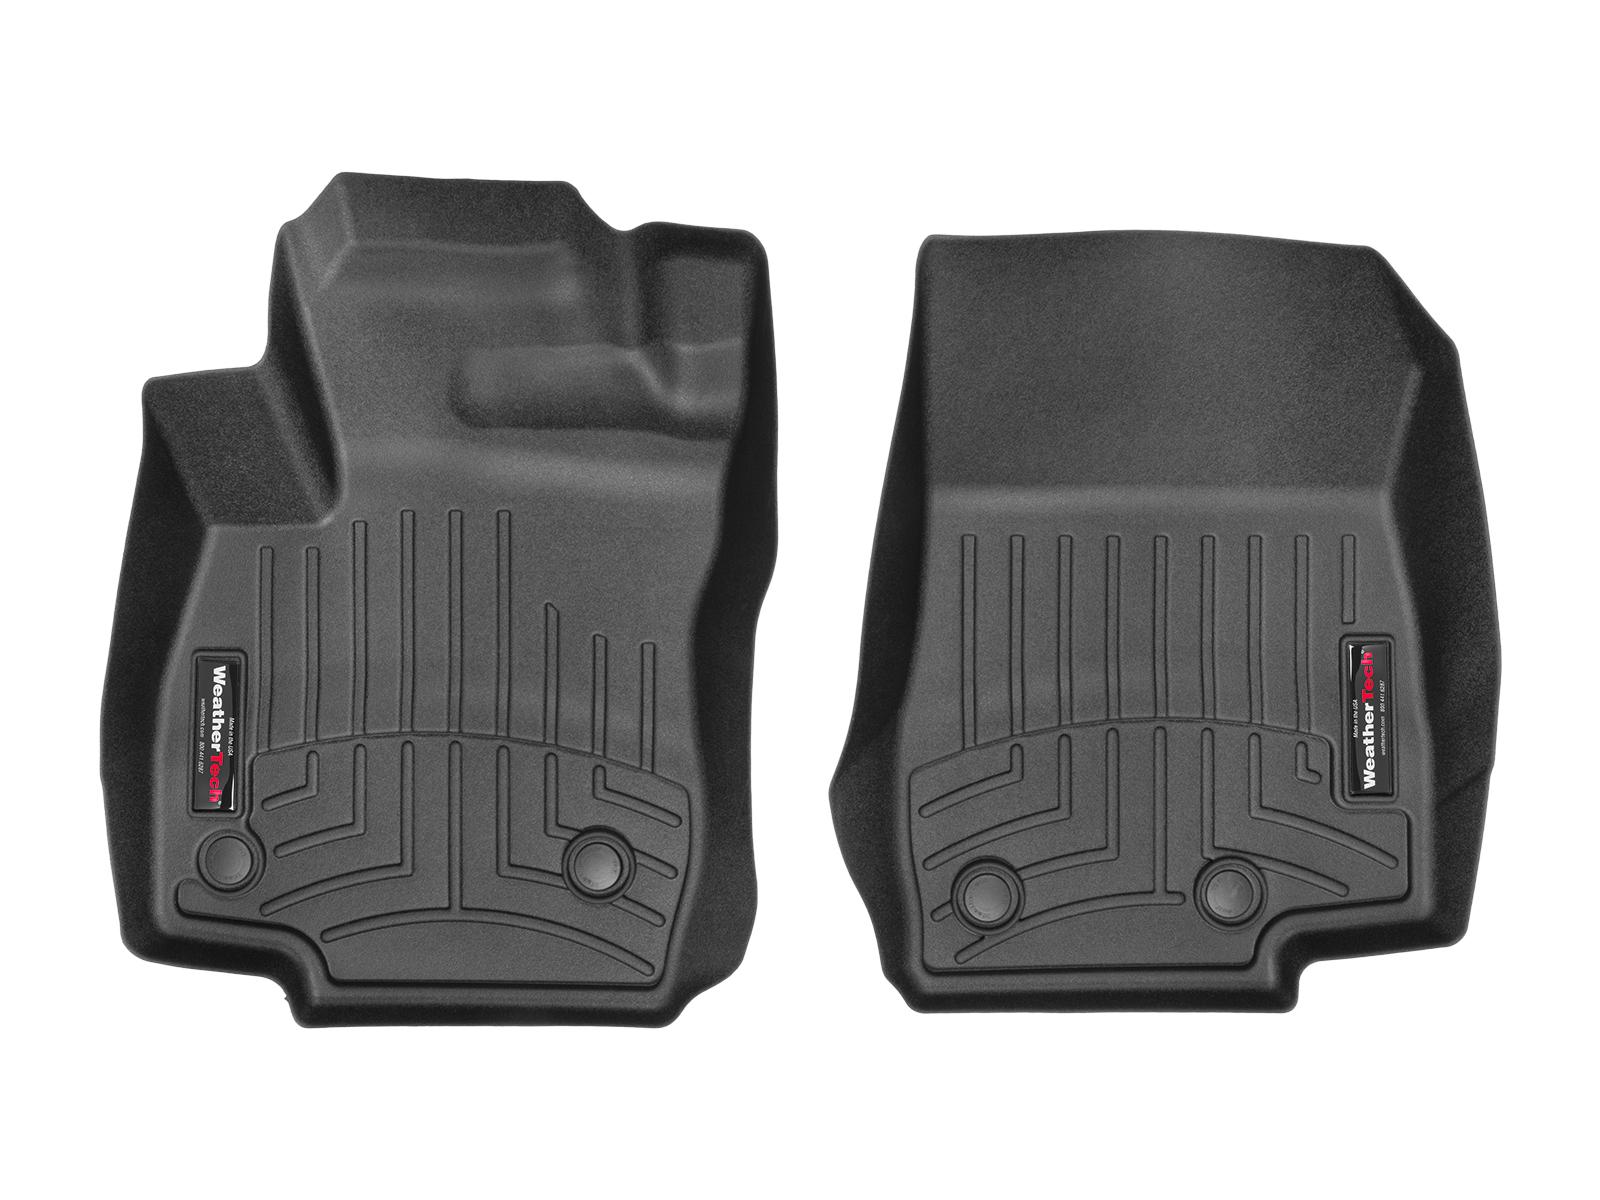 Tappeti gomma su misura bordo alto Ford B-Max 15>15 Nero A839*